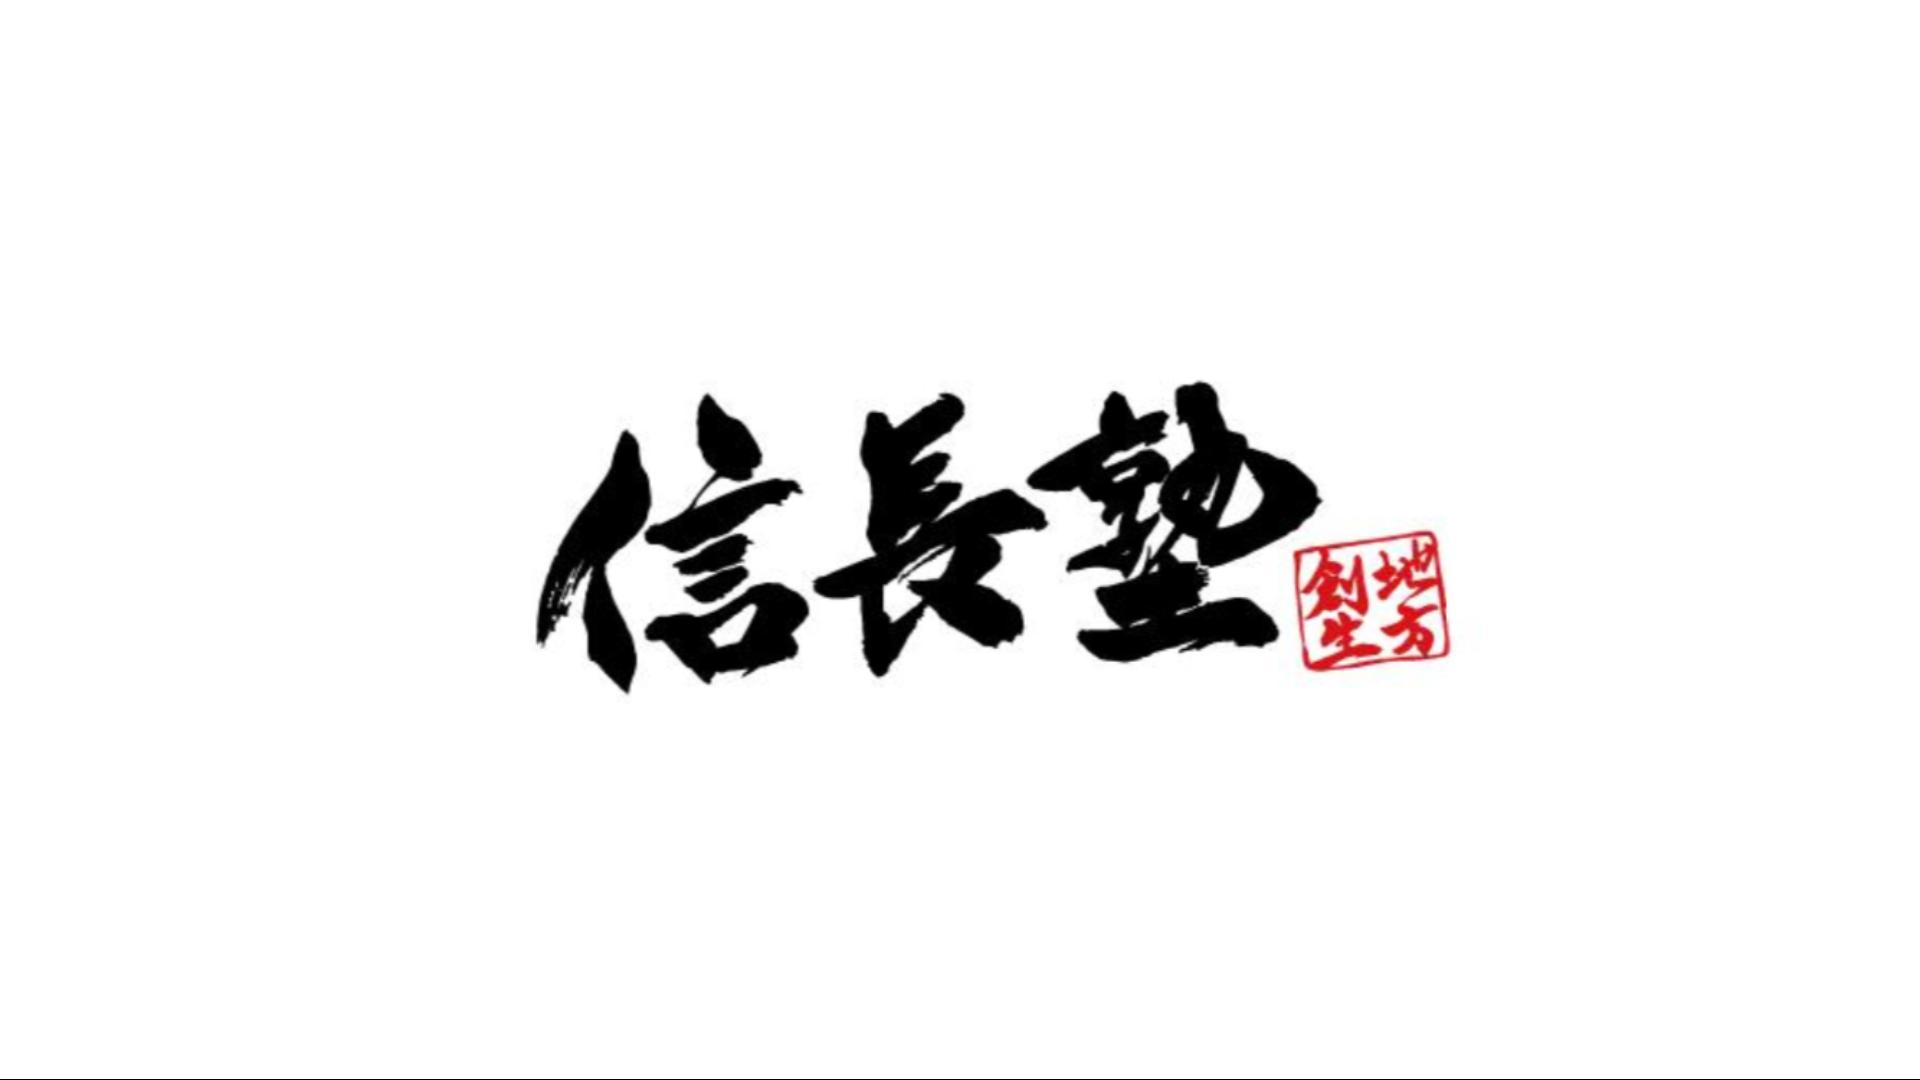 信長塾〜今話題の『地方創生』ビジネスを一緒に始めてみませんか?〜